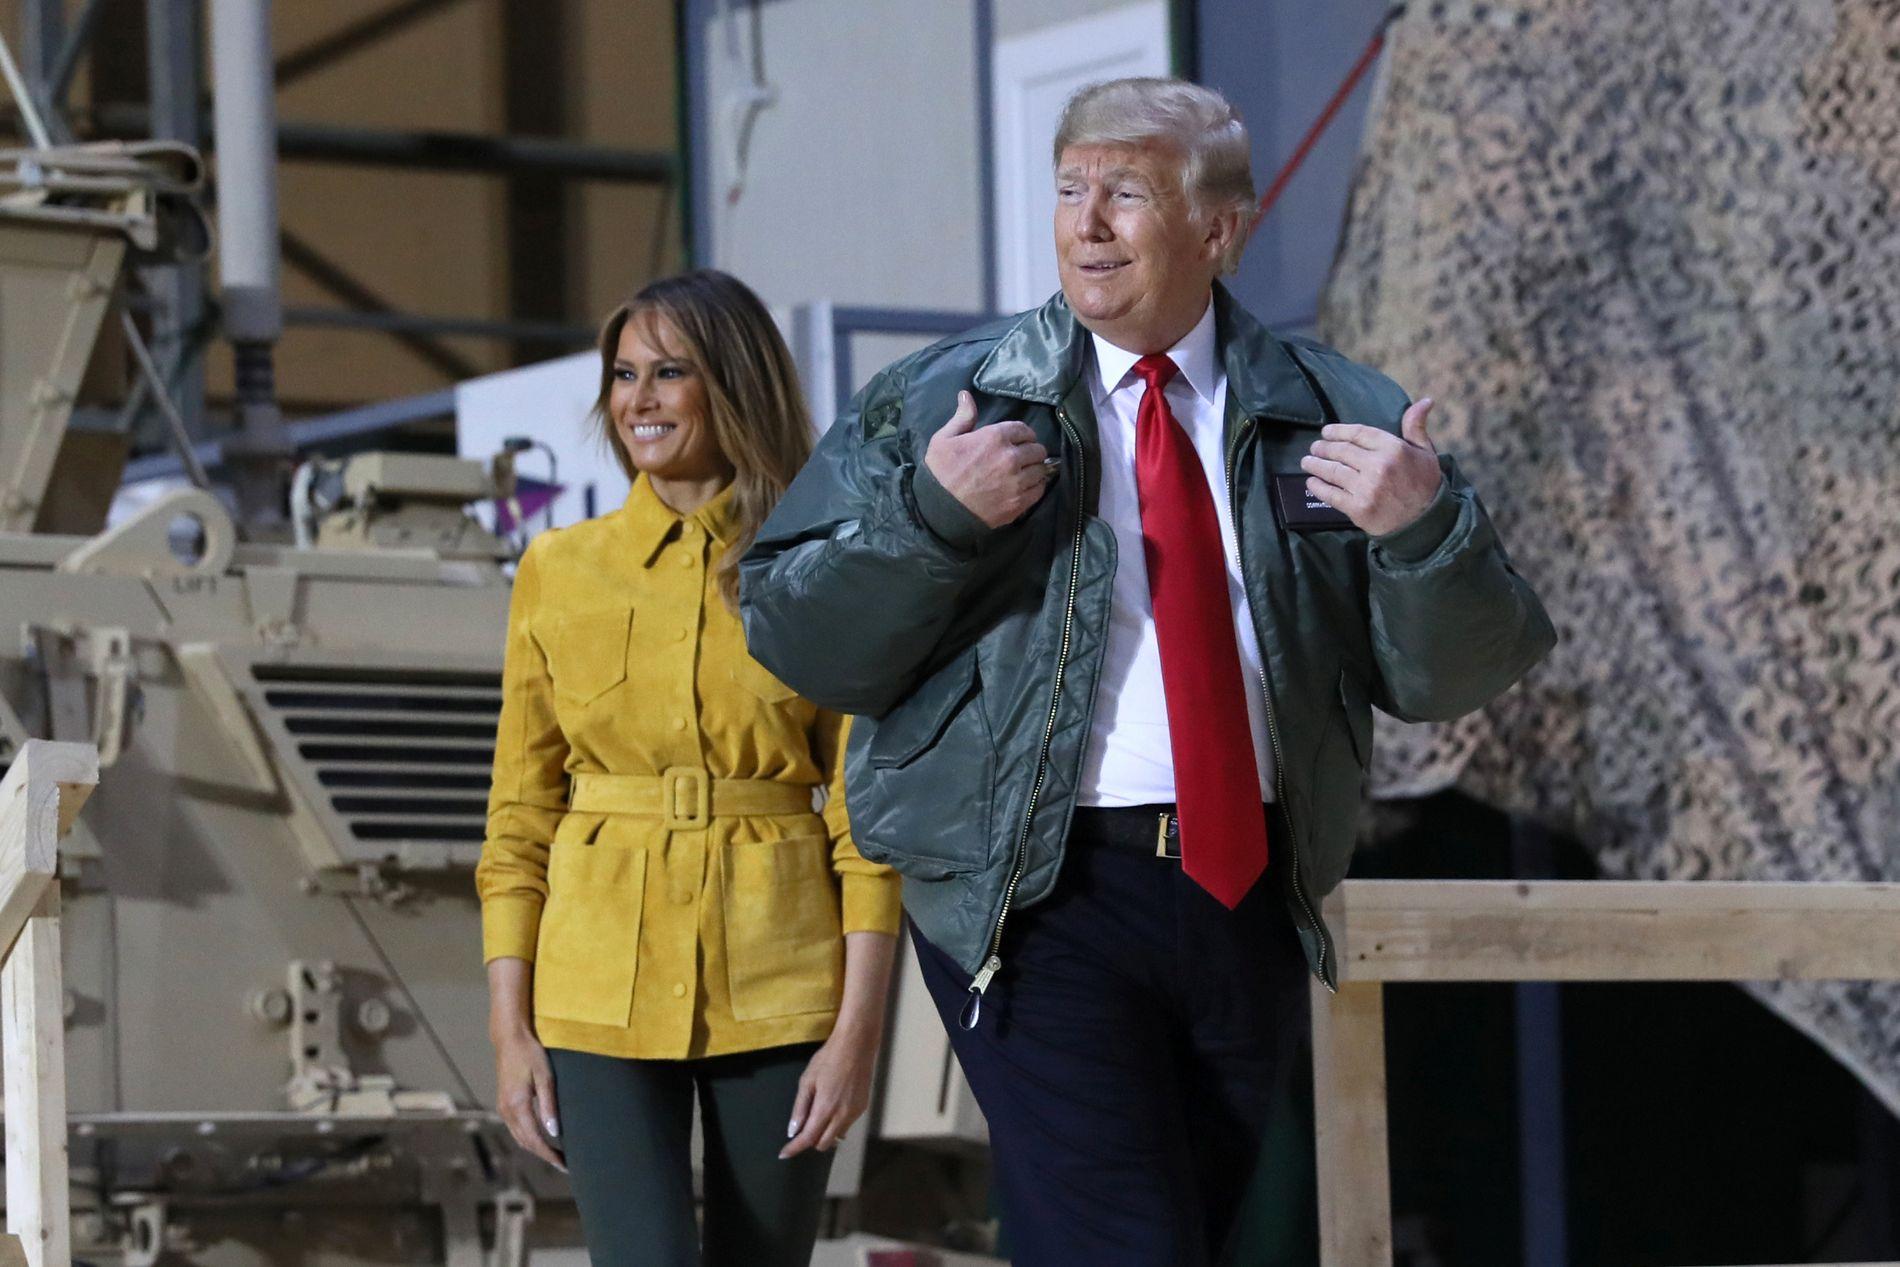 FØRSTE VISITT: Donald og Melania Trump besøkte amerikanske tropper i Irak onsdag. Det er presidentens første besøk til tropper stasjonert i utlandet.